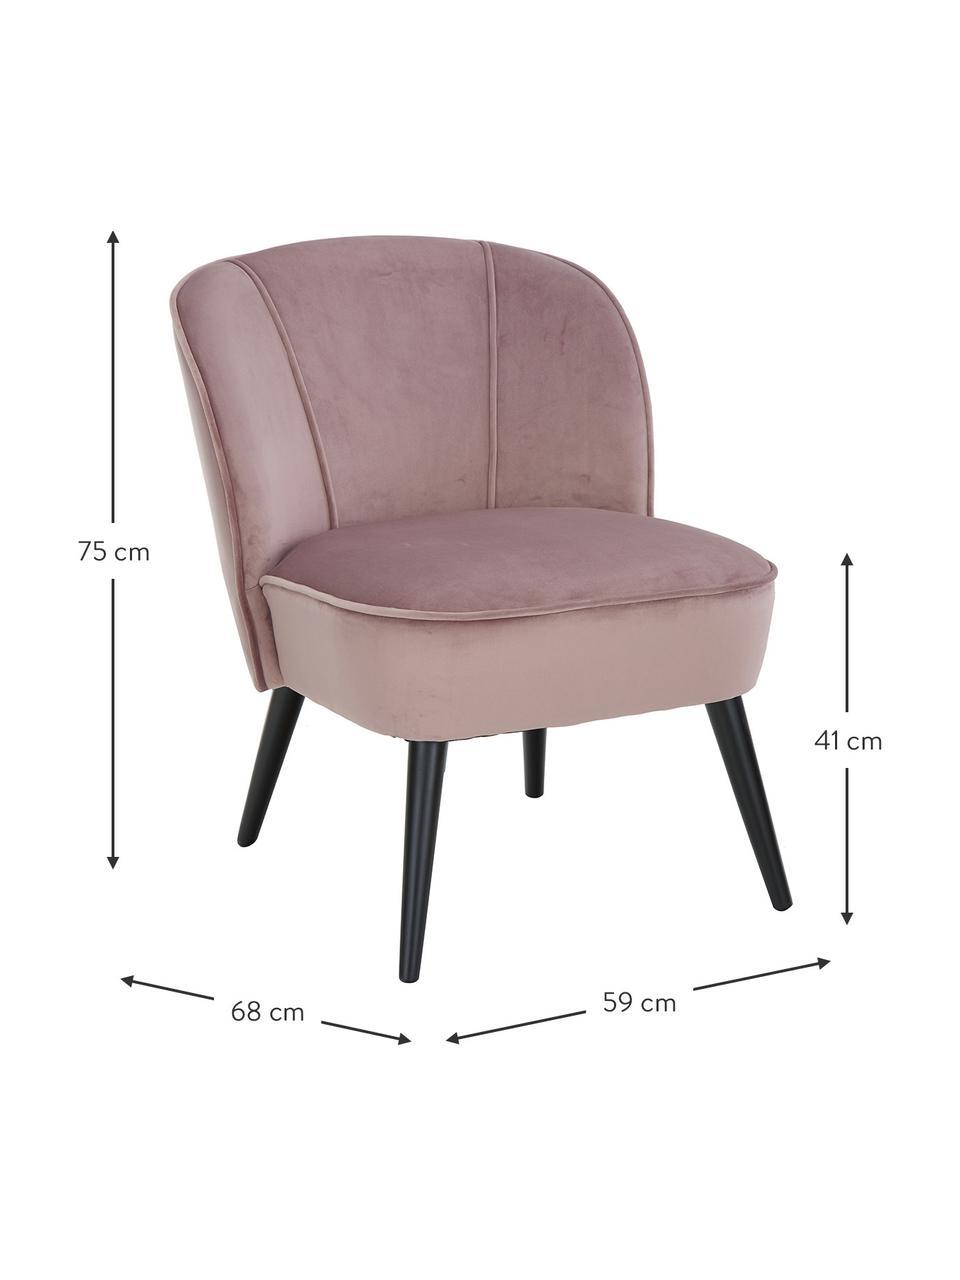 Fluwelen stoel Lucky, Bekleding: fluweel (polyester), Poten: rubberhout, gelakt, Bekleding: oudroze. Poten: zwart, B 59 x D 68 cm